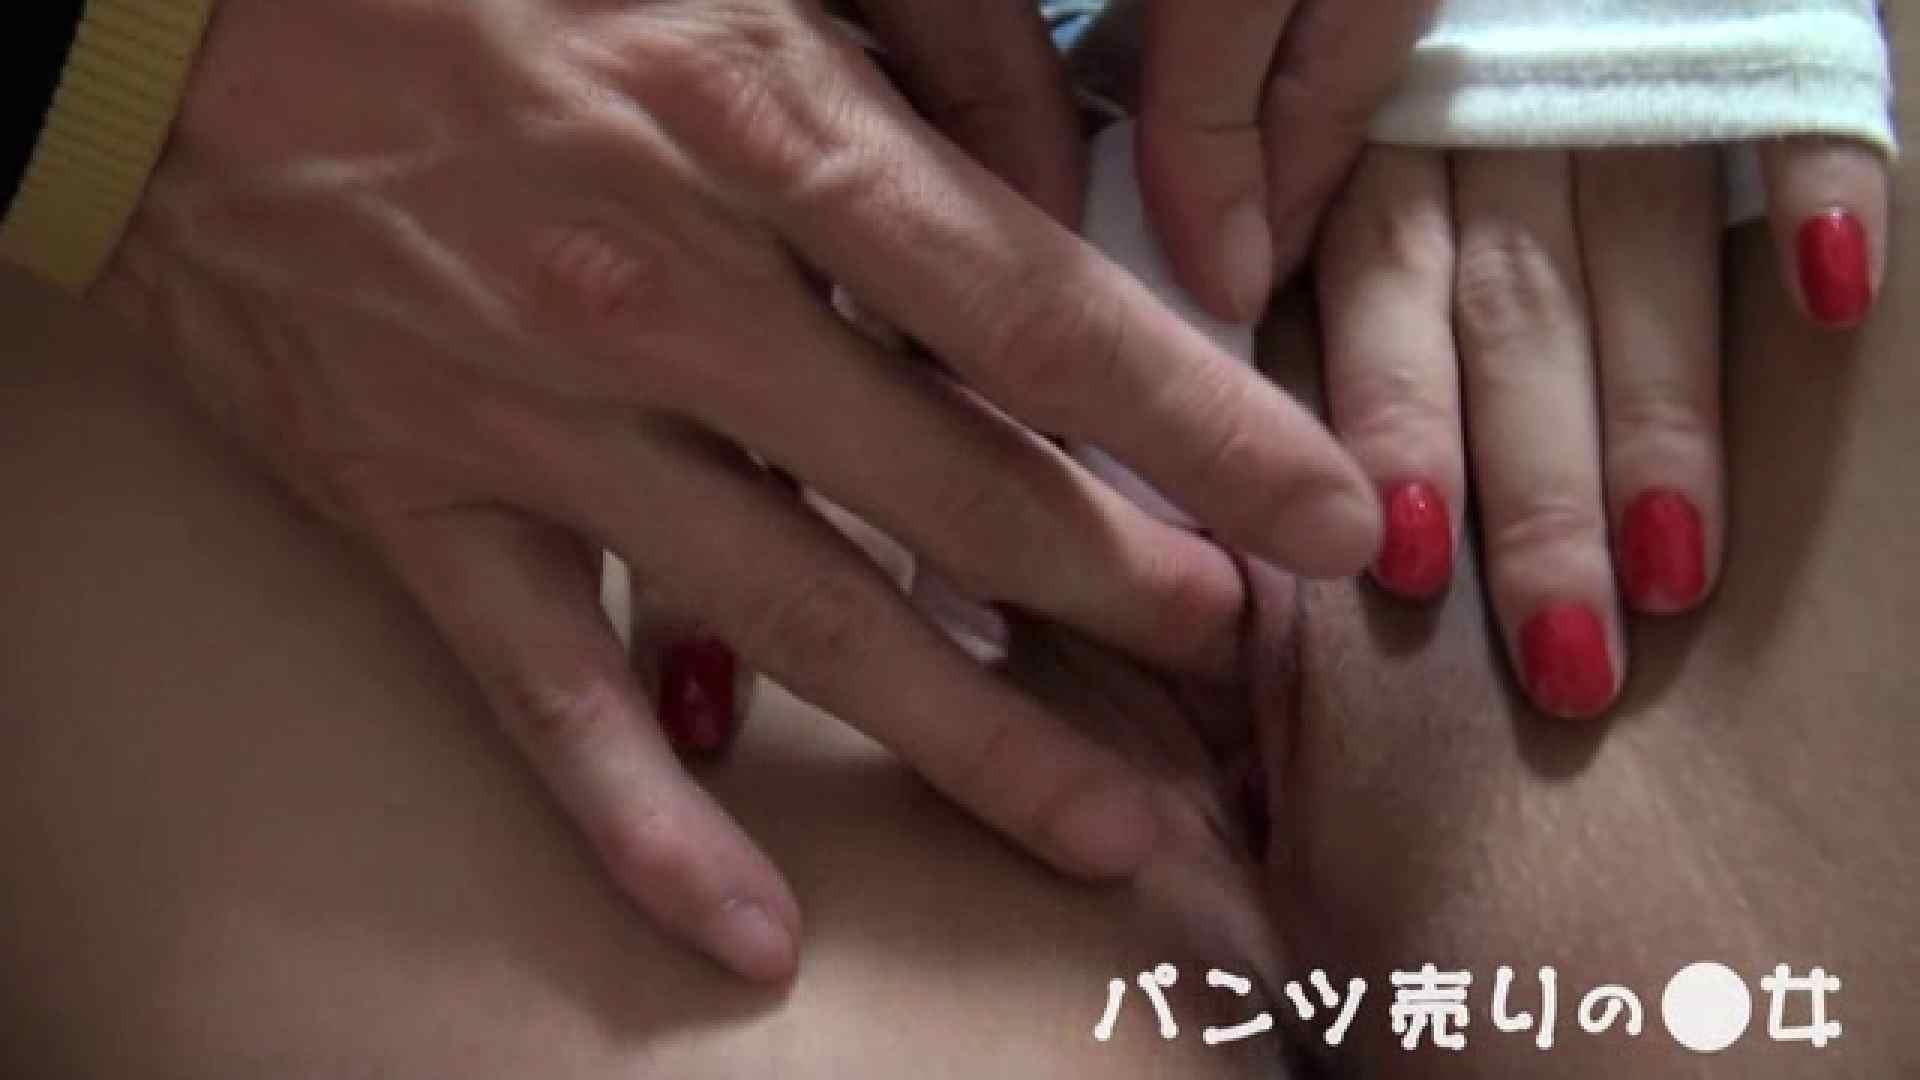 新説 パンツ売りの女の子mizuki02 マンコ特別編 オメコ動画キャプチャ 89枚 88